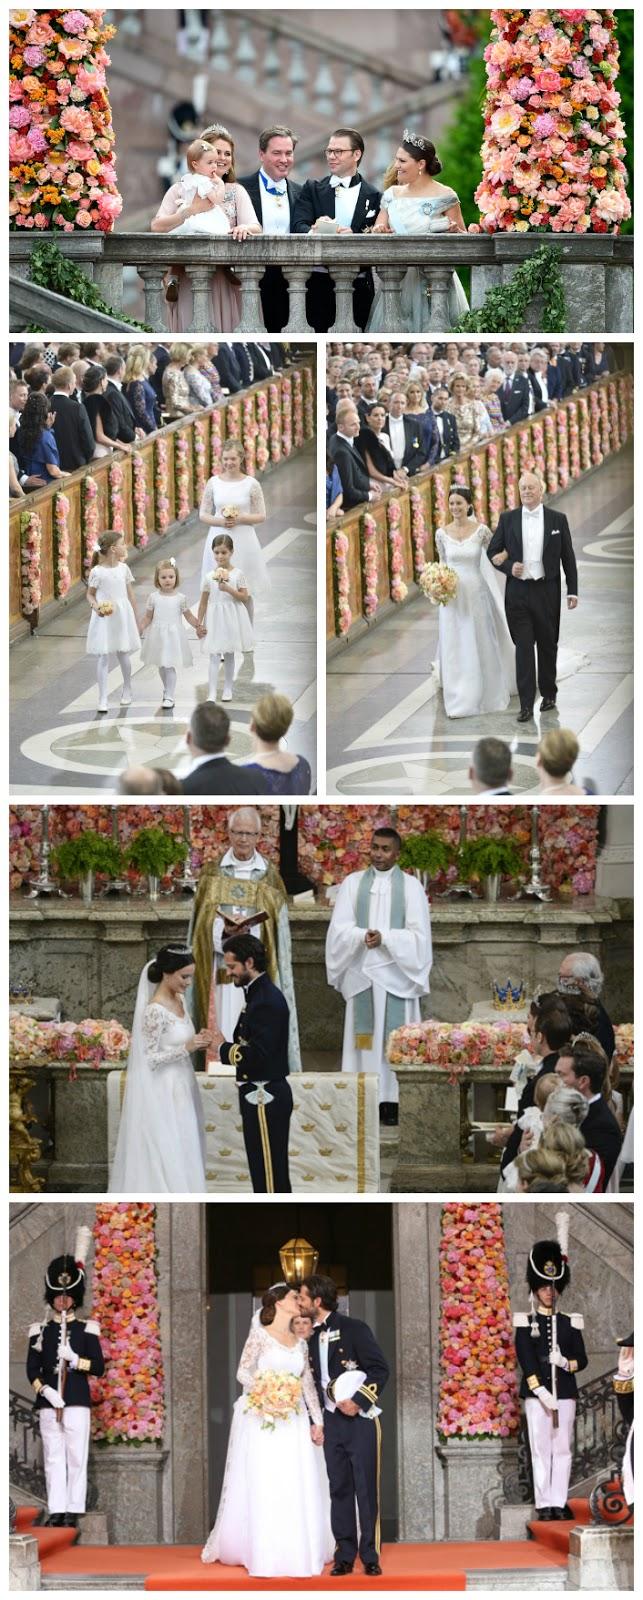 La boda de Sofia Hellqvist y Carlos Felipe de Suecia